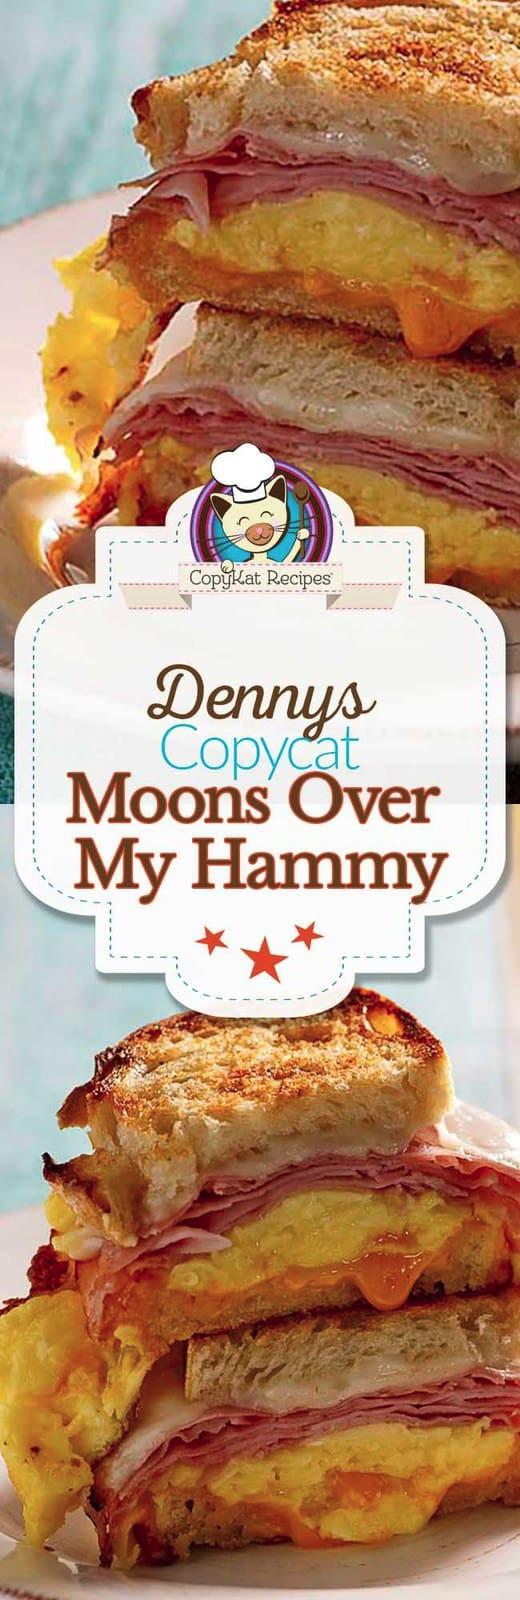 Insanely Tasty Copycat Denny's Moon Over My Hammy Recipe